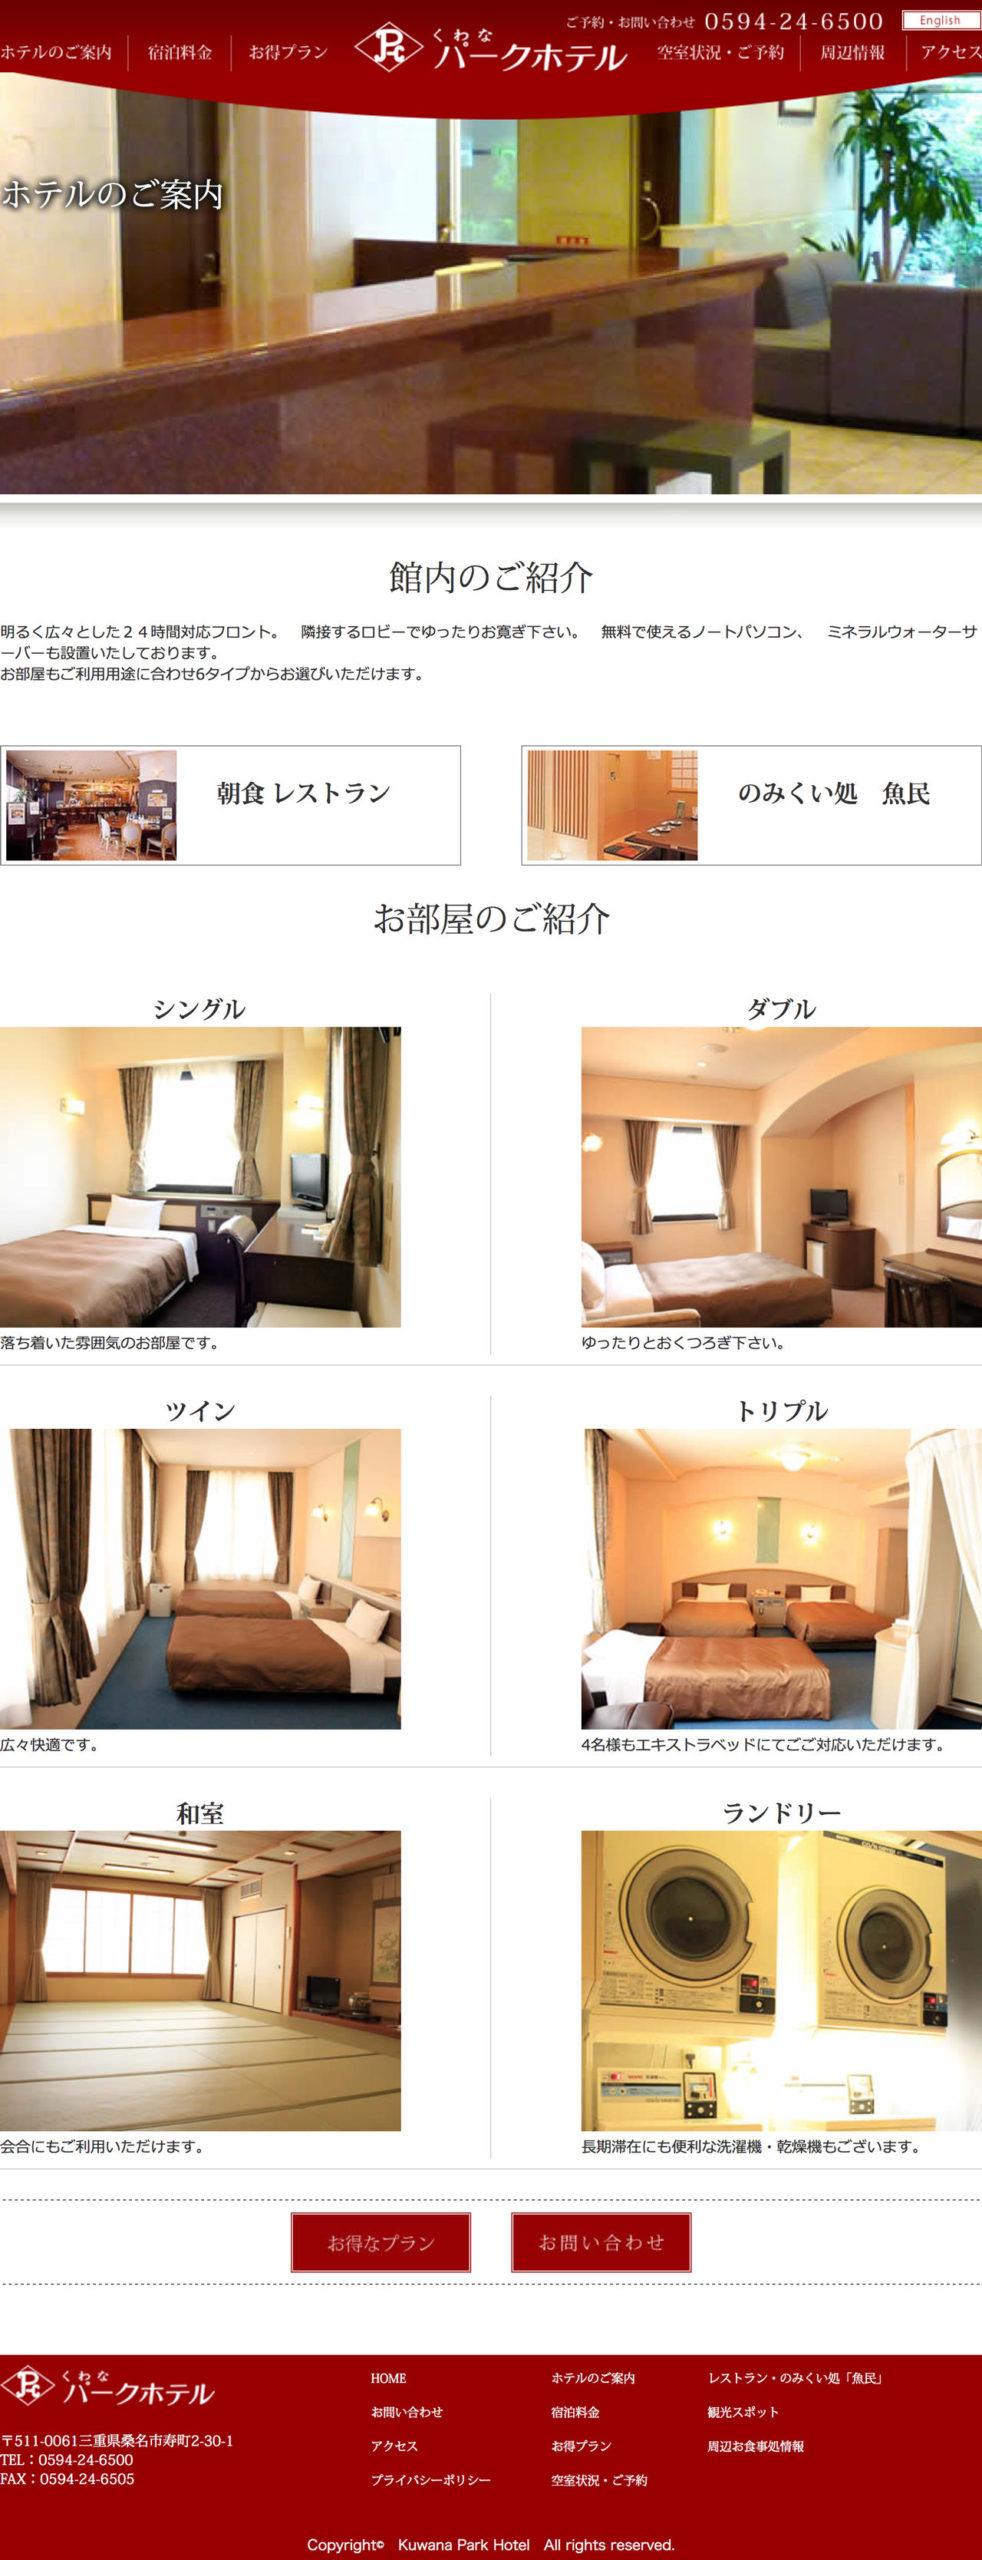 設計、デザインしたビジネスホテルパークホテルのホームページ